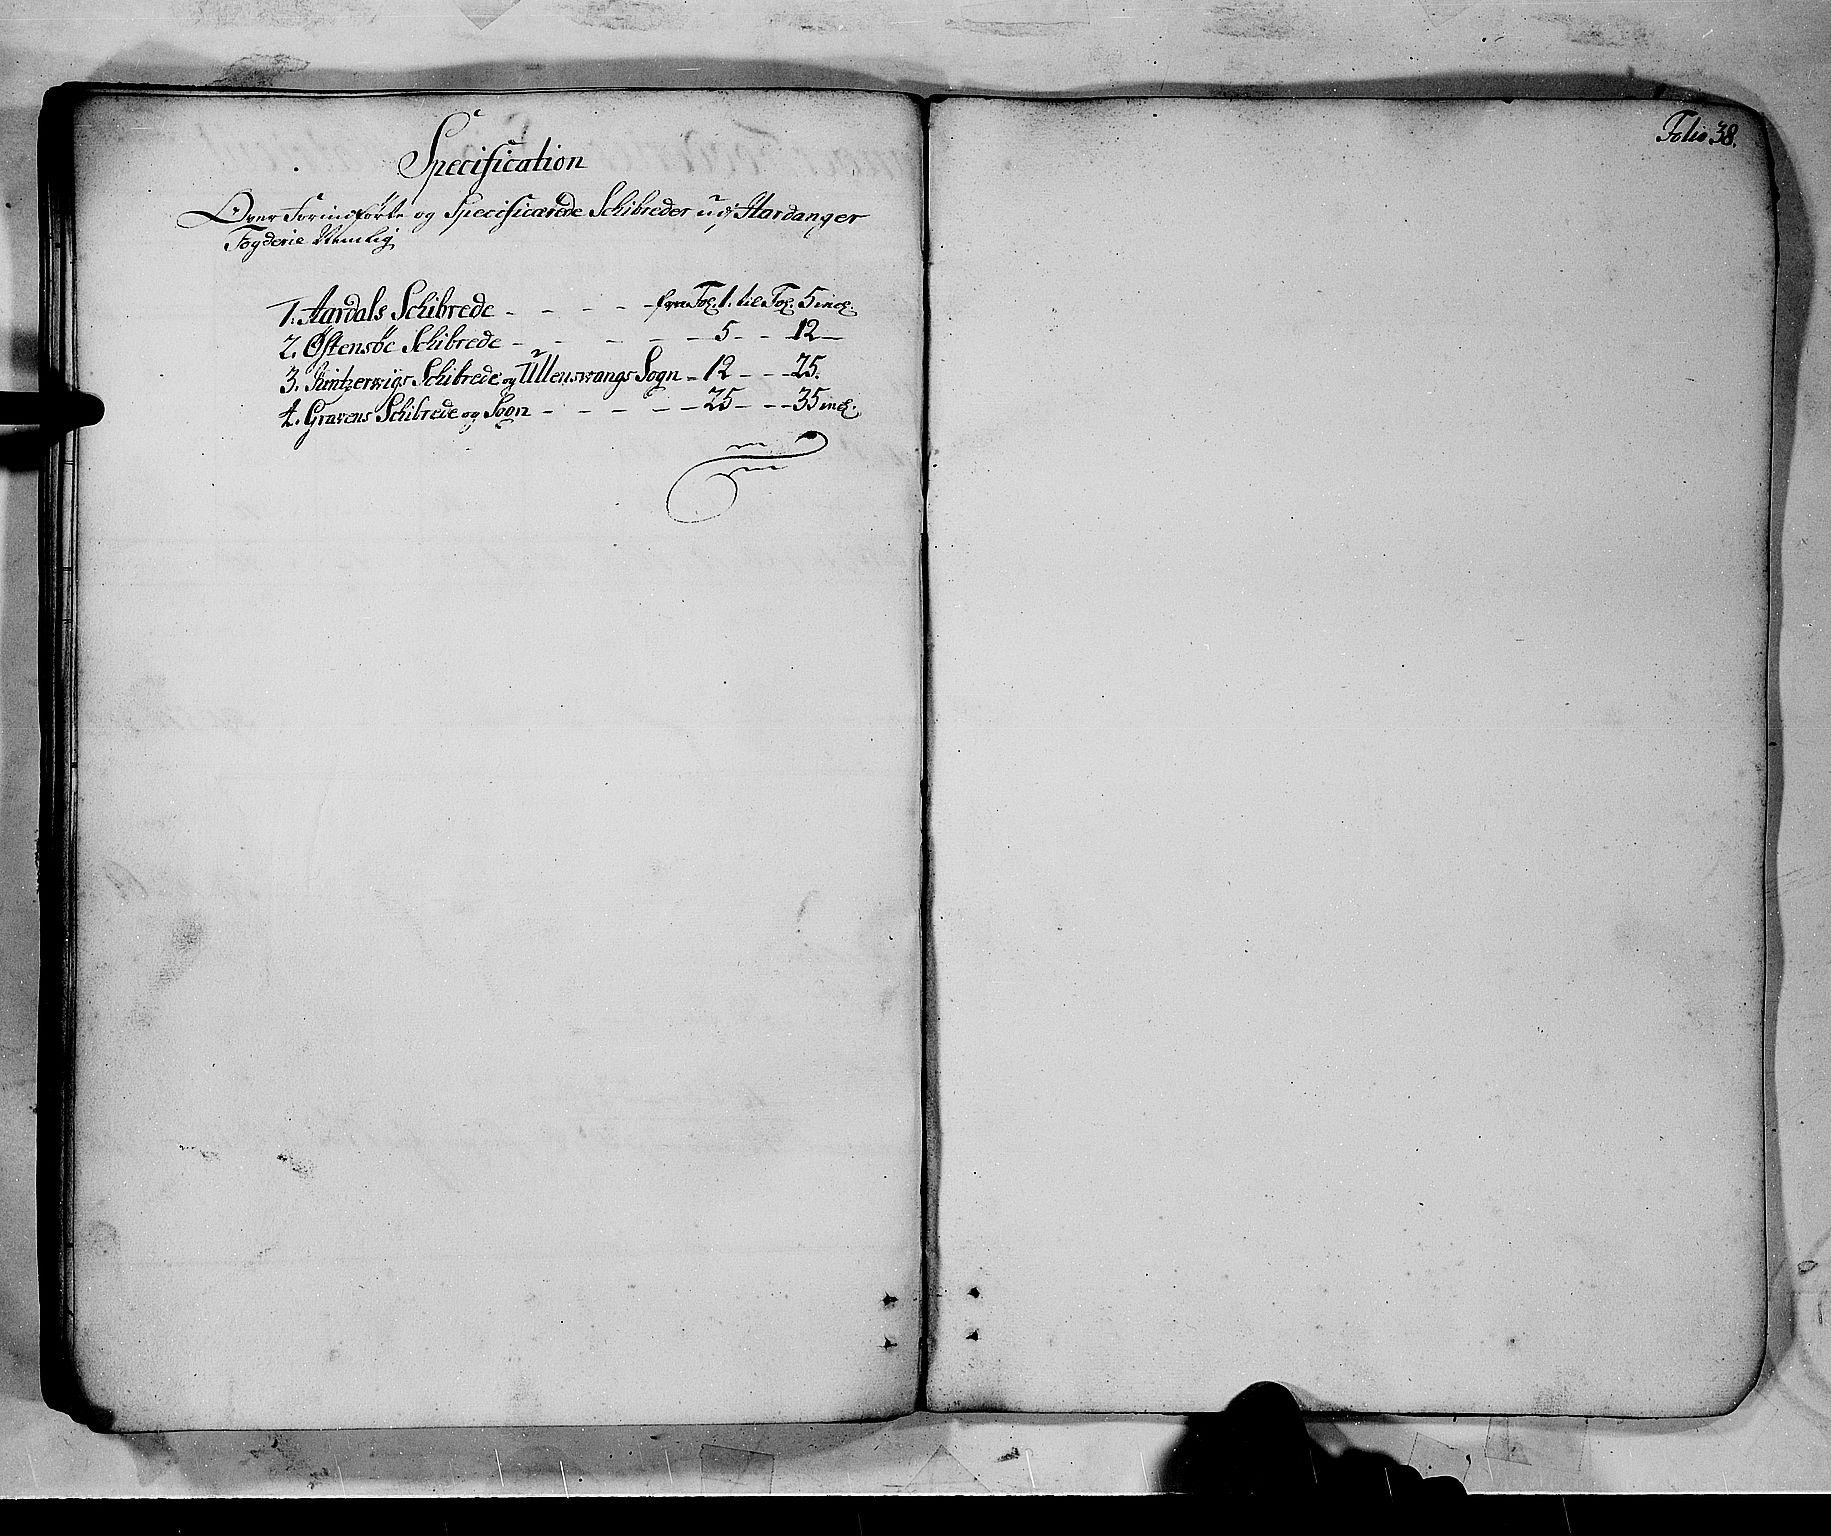 RA, Rentekammeret inntil 1814, Realistisk ordnet avdeling, N/Nb/Nbf/L0137: Hardanger matrikkelprotokoll, 1723, s. upaginert